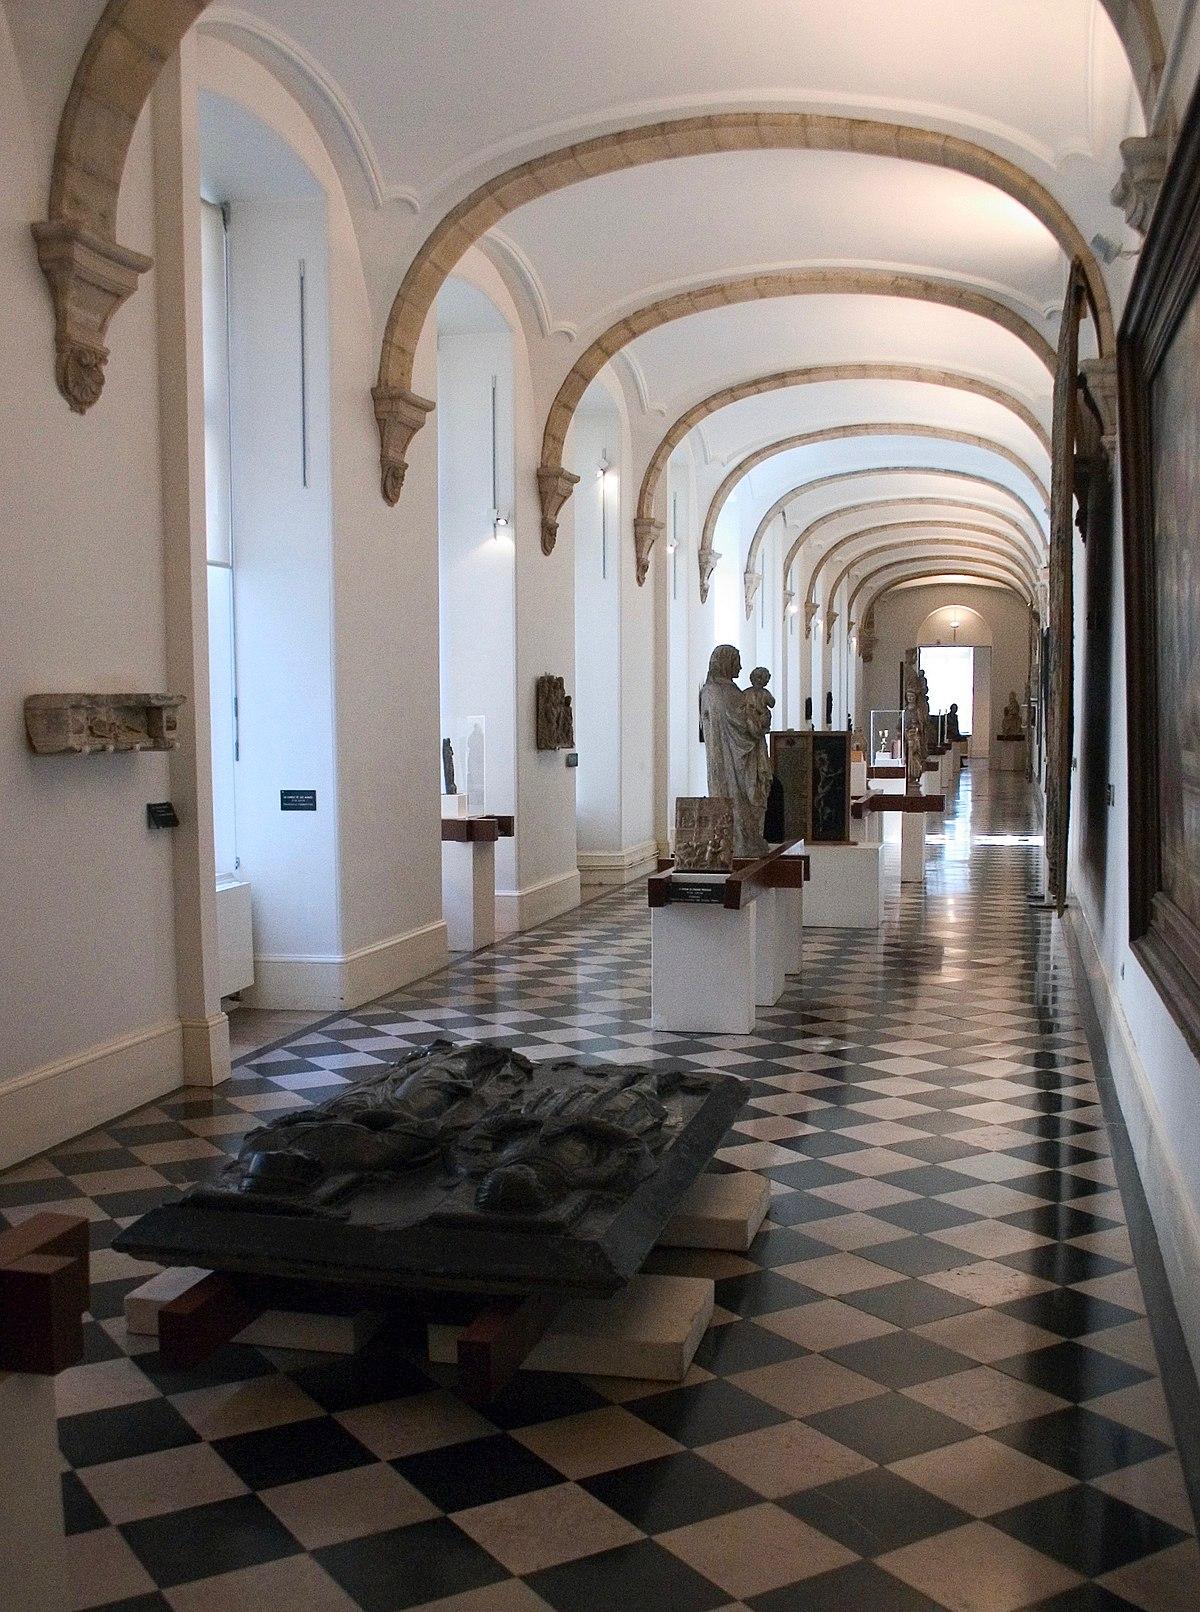 musée des beaux arts Le musée des beaux-arts de charleroi conserve un vaste ensemble de plus de 3000 pièces comprenant peintures, sculptures, installations, gravures, dessins, photographies et céramiques balayant art ancien, art moderne et art contemporain.